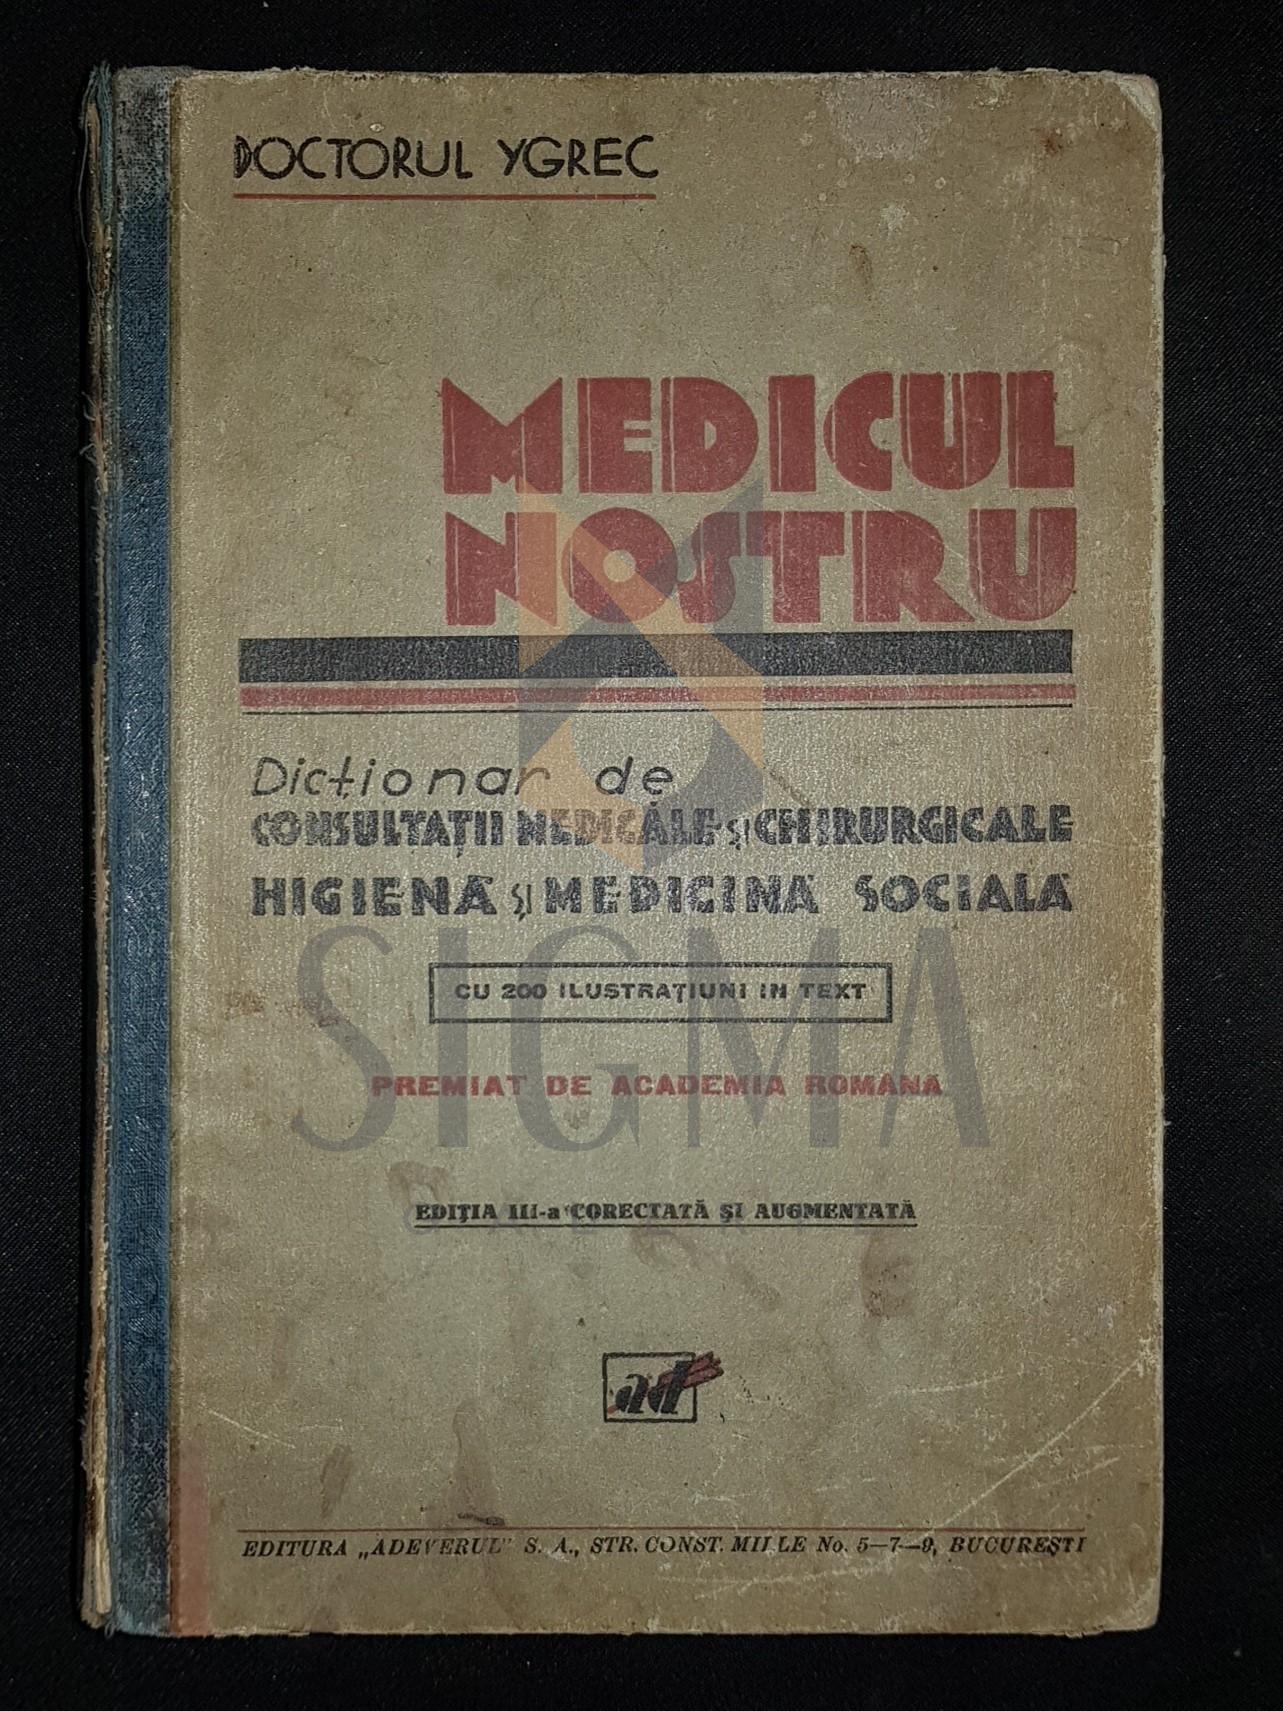 DOCTORUL YGREC (Pseudonim I. GLICSMAN 1871-1938)